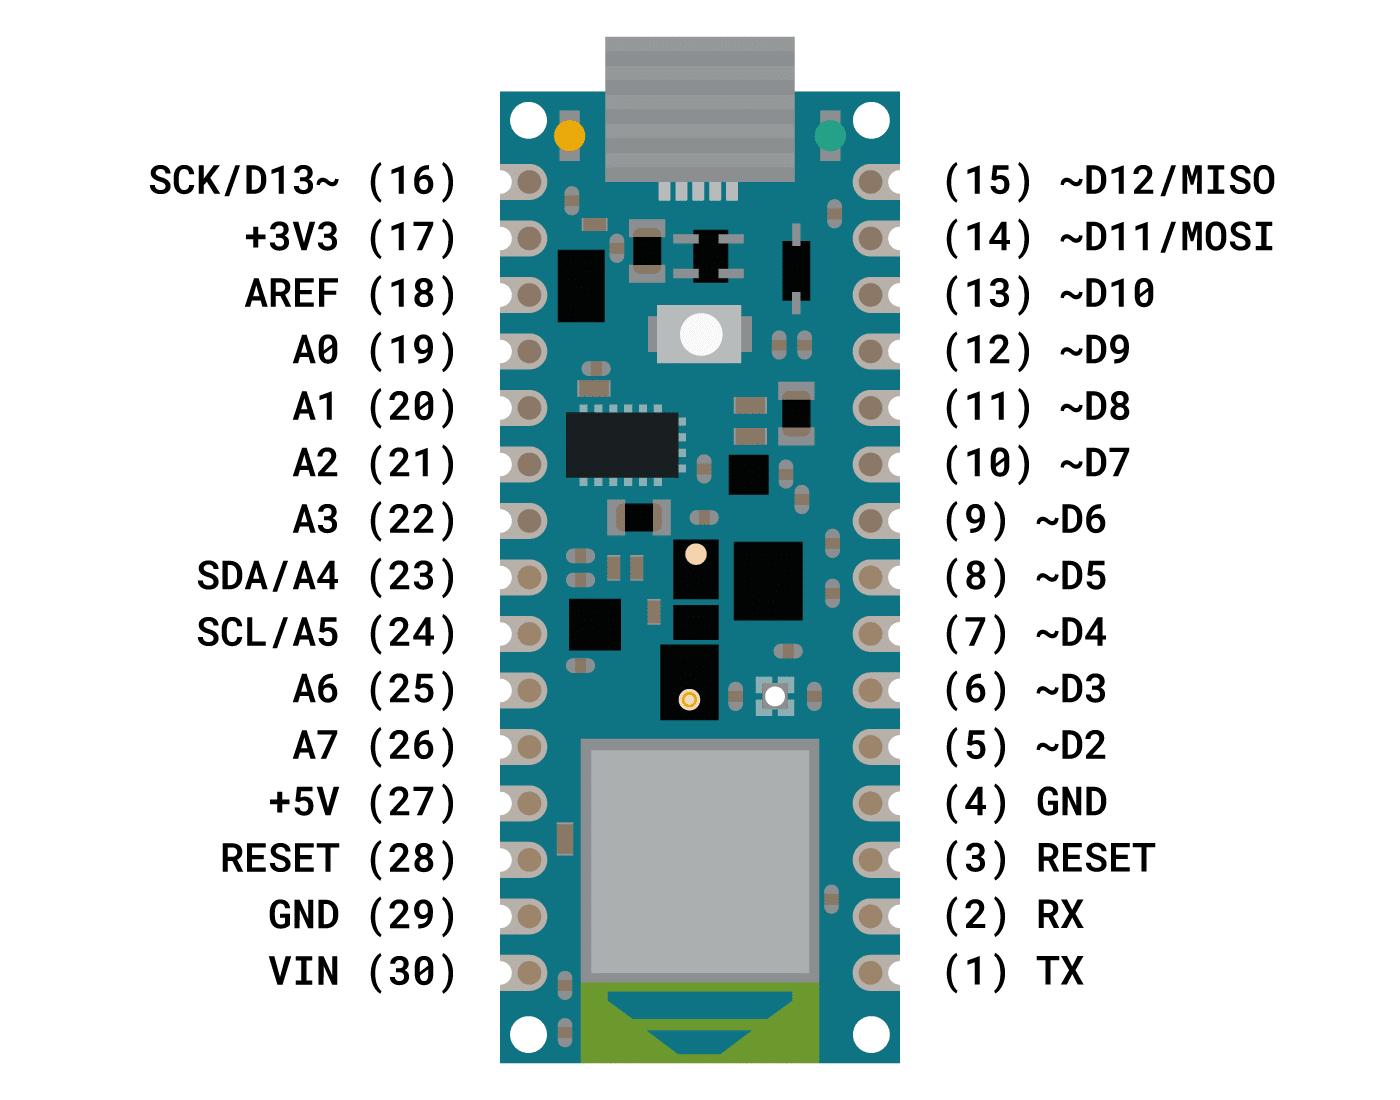 Arduino Nano 33 BLE Sense pinout